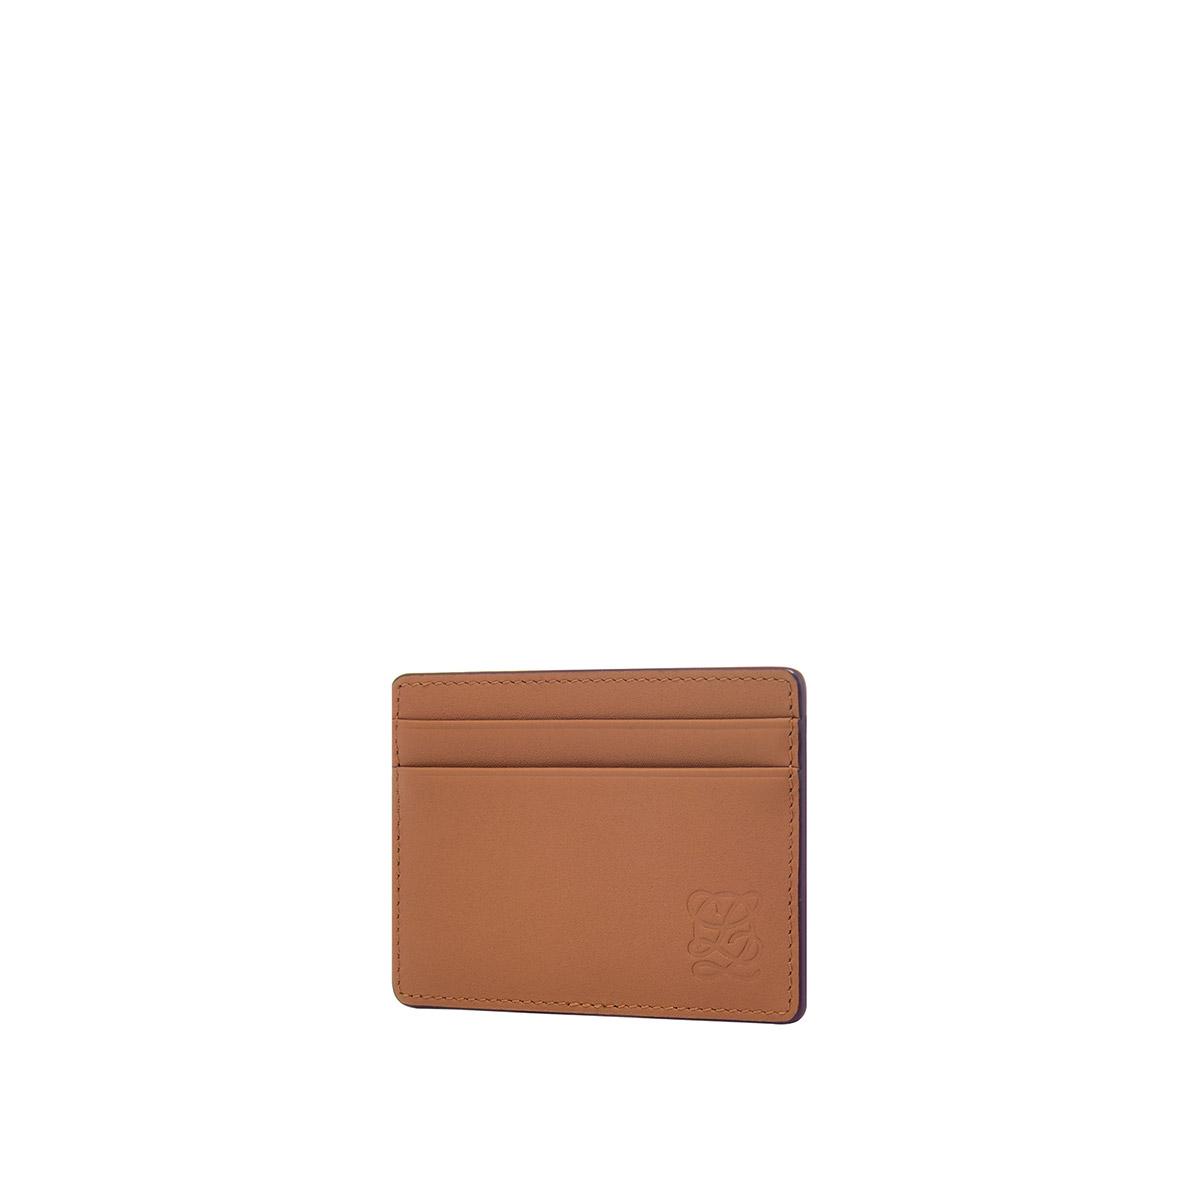 루이까또즈 CAMEO(카메오) 카드지갑(탄&소라) SO4CD02TA